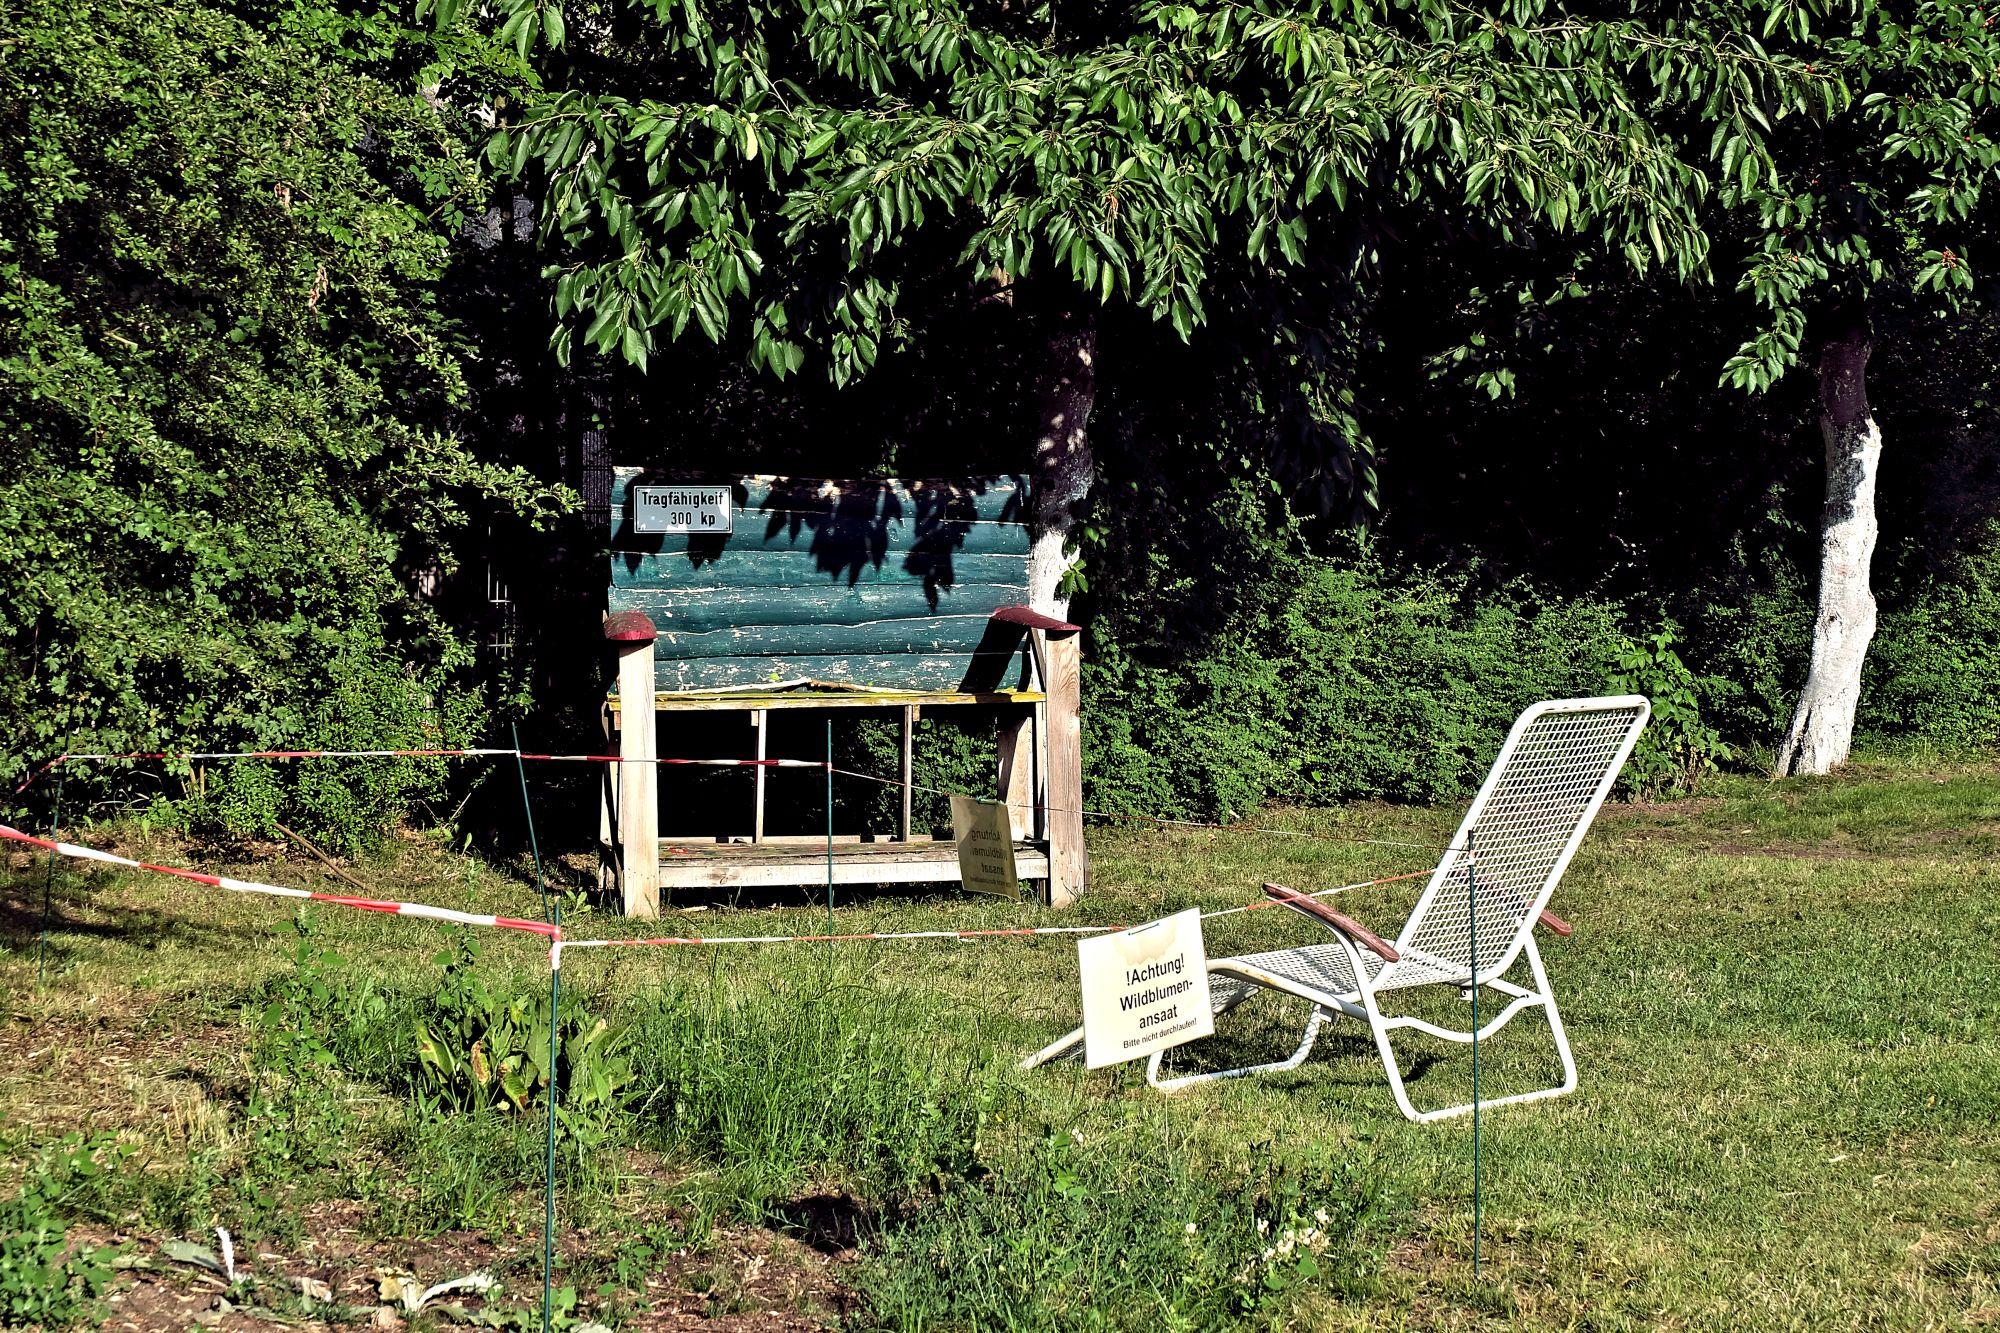 Gartenstuhl und Gartenbank im Gemeinschaftsgarten